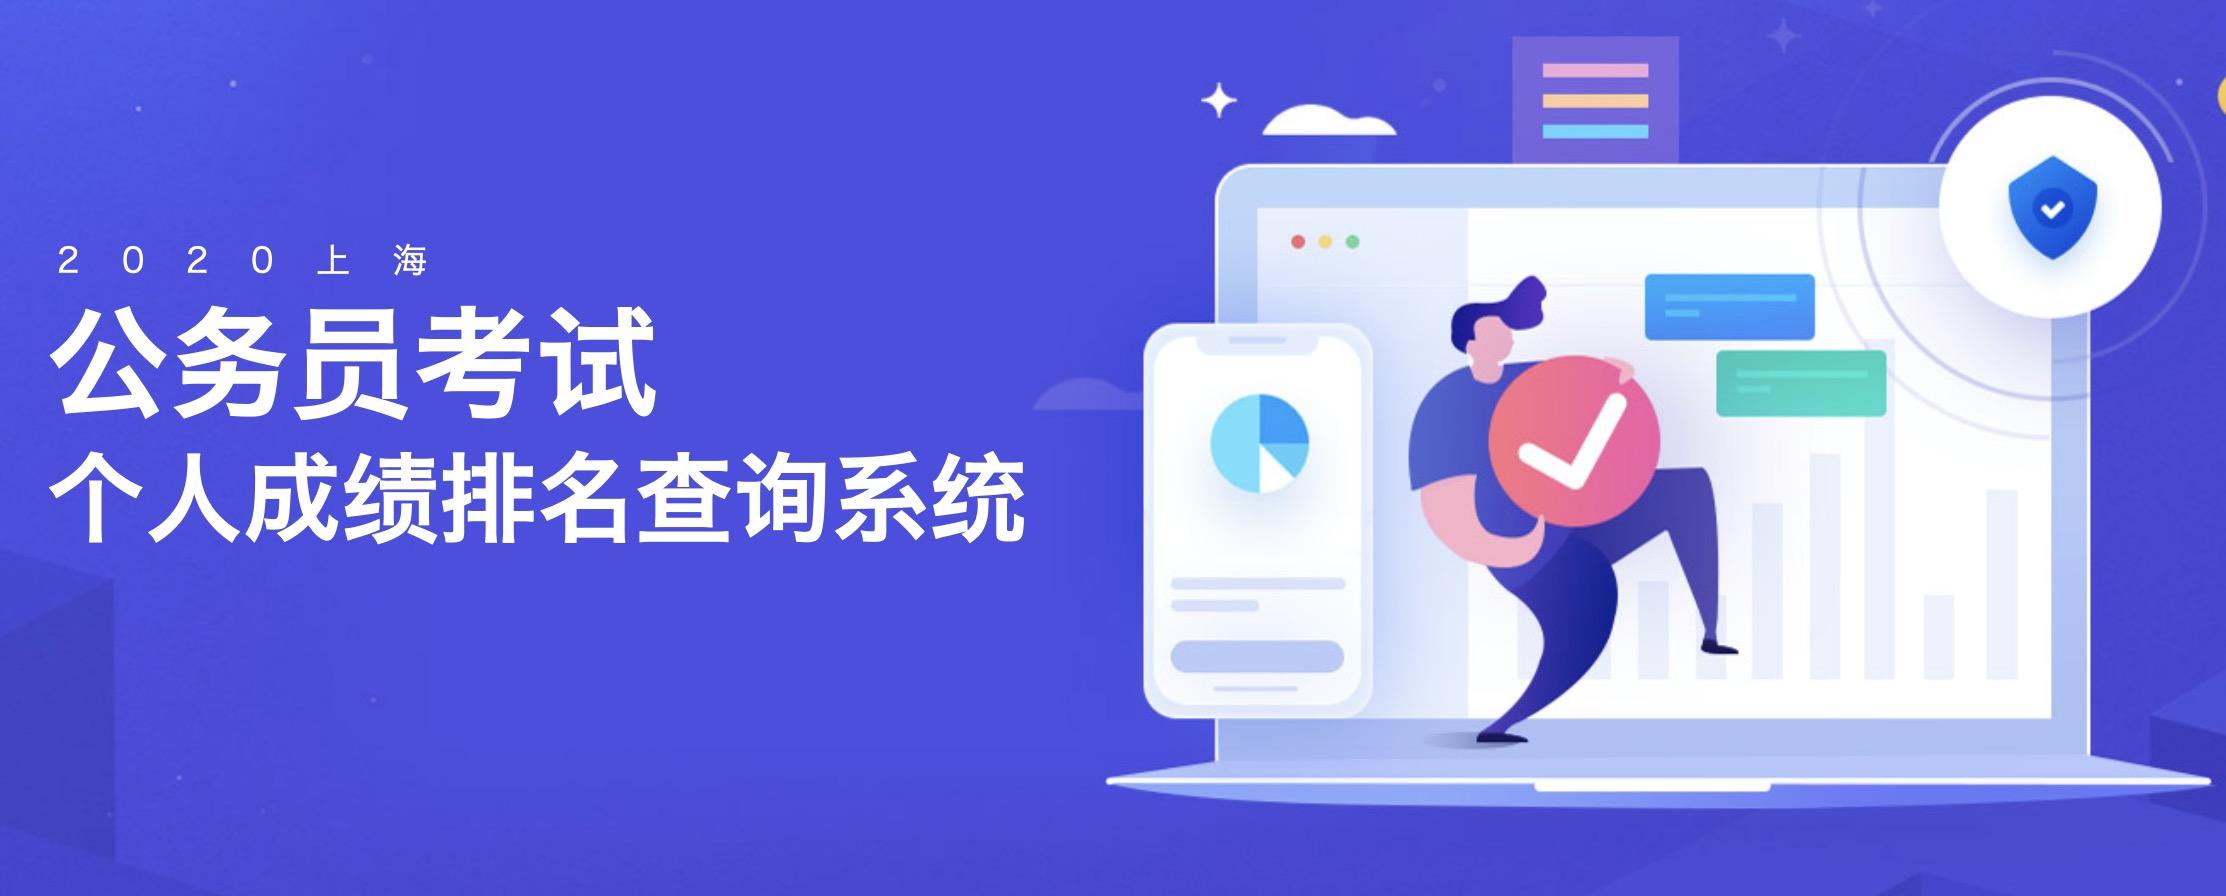 2020上海(hai)公務員考ji)隕狗植榕pai)名